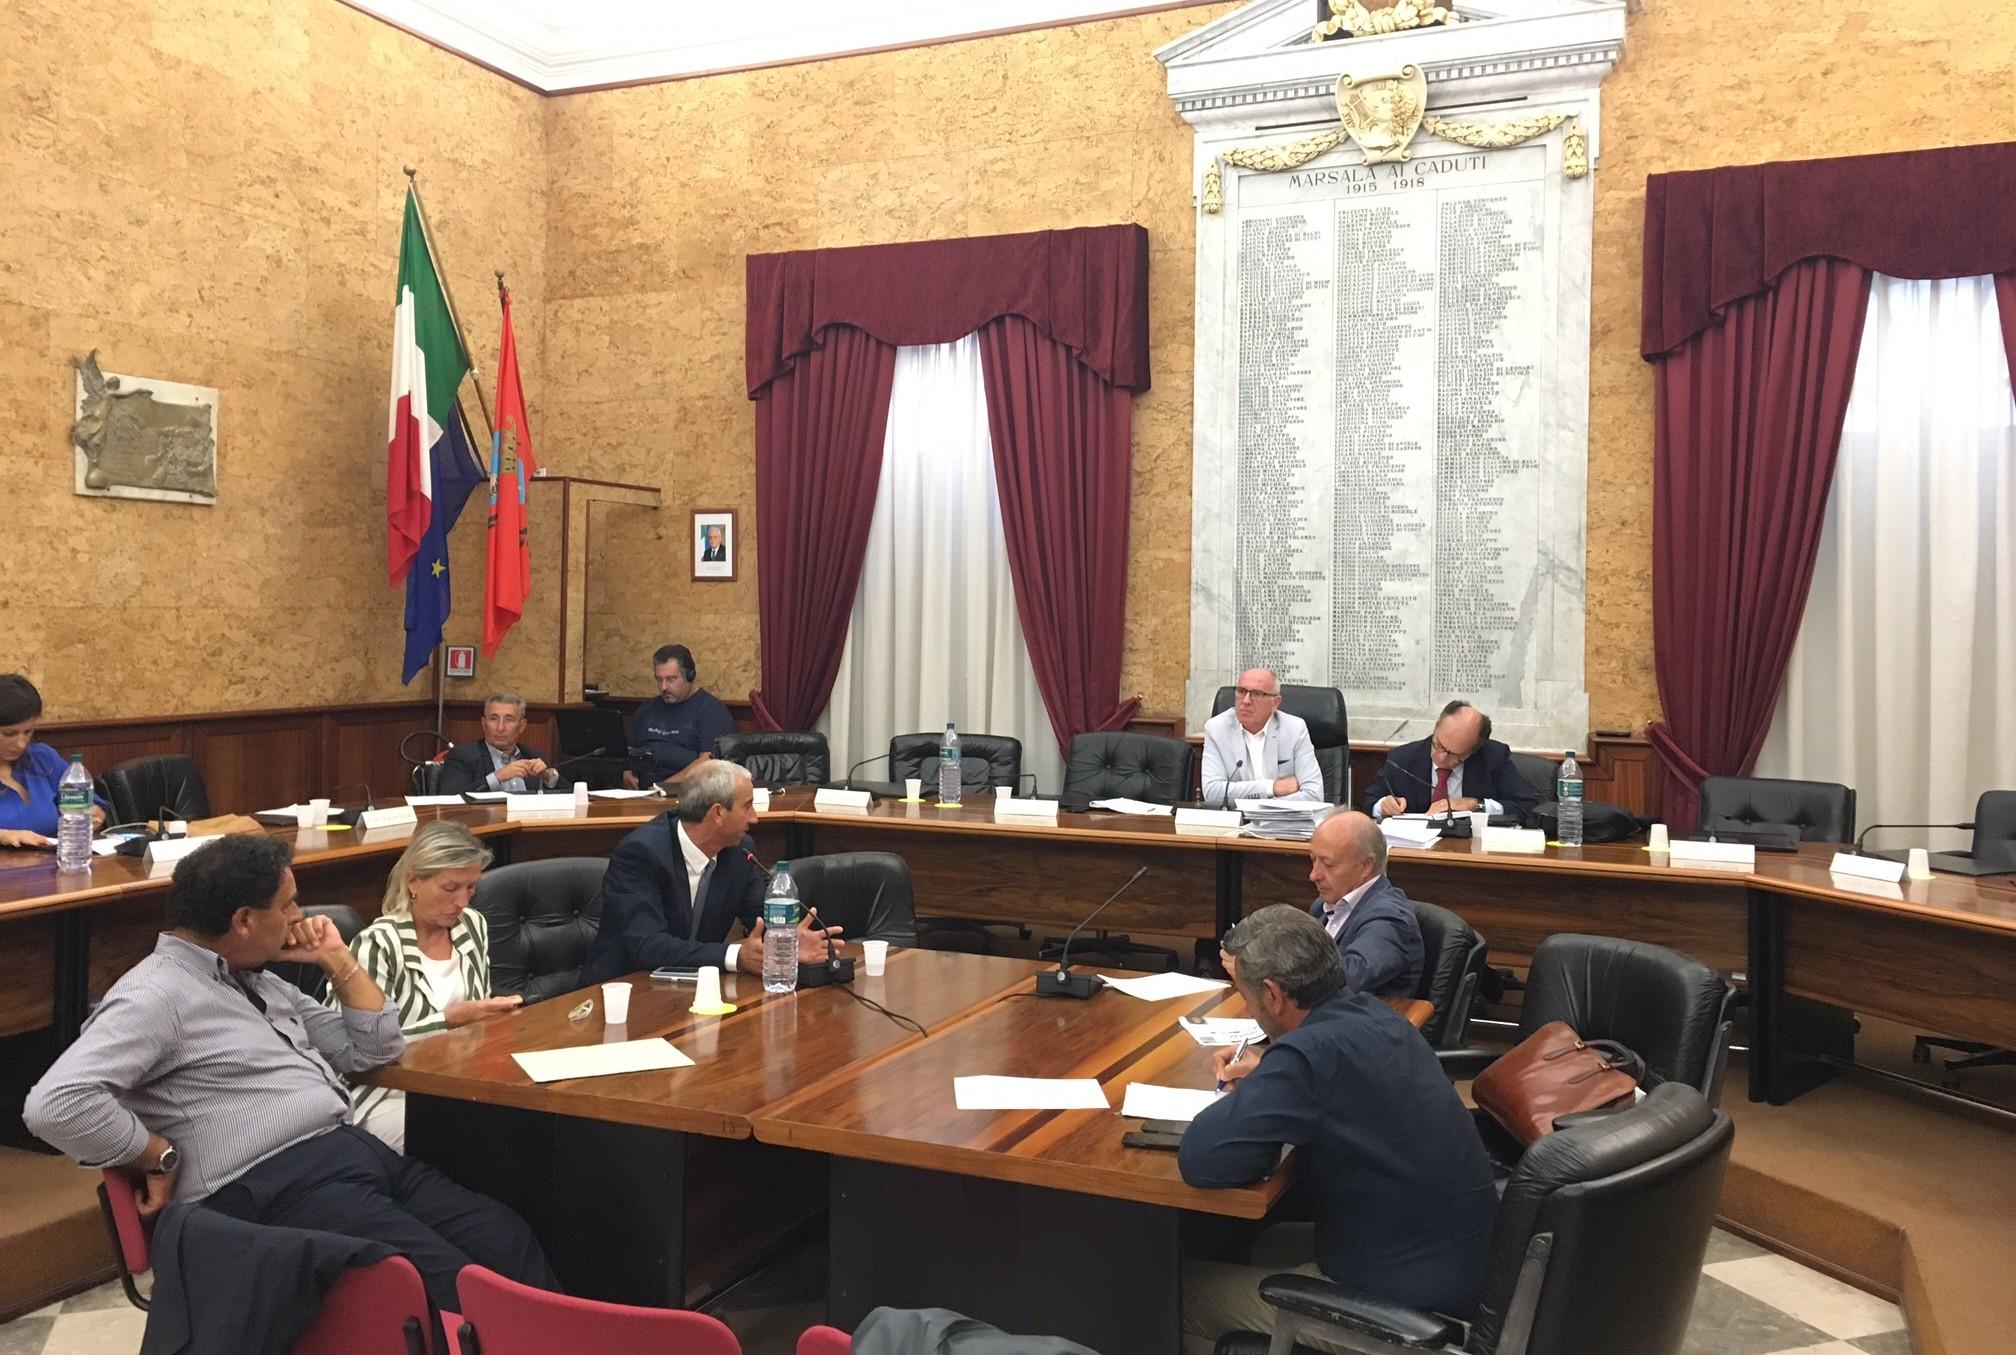 Consiglio comunale, approvato il sistema di videosorveglianza